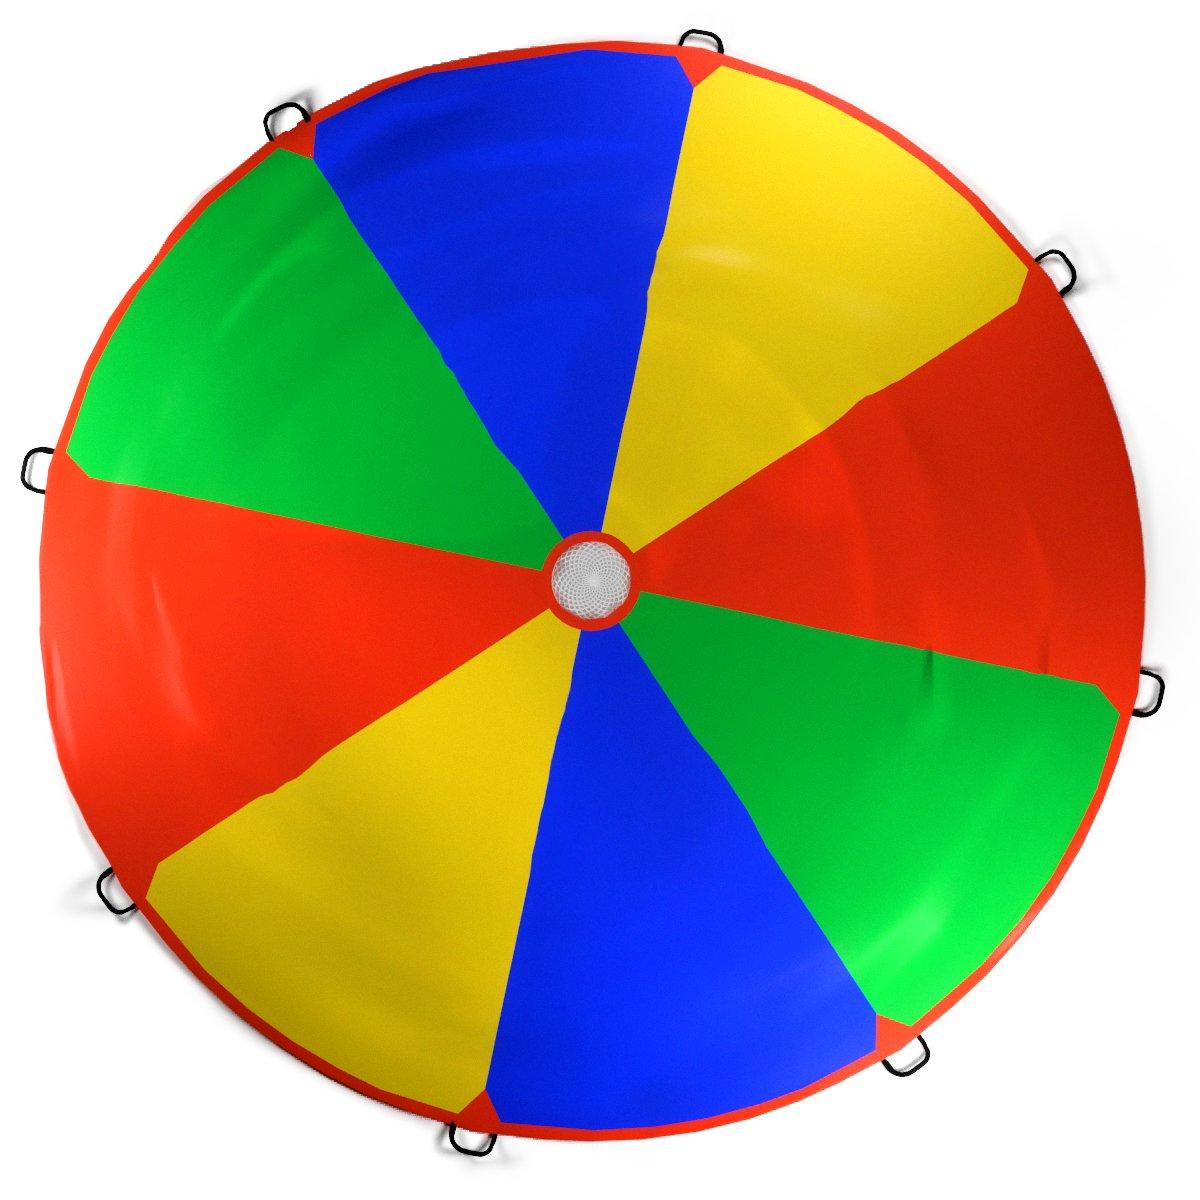 Célèbre Kenley 3,5m Paracadute Ludico Gioco per Bambini - Arcobaleno Telo  DD35